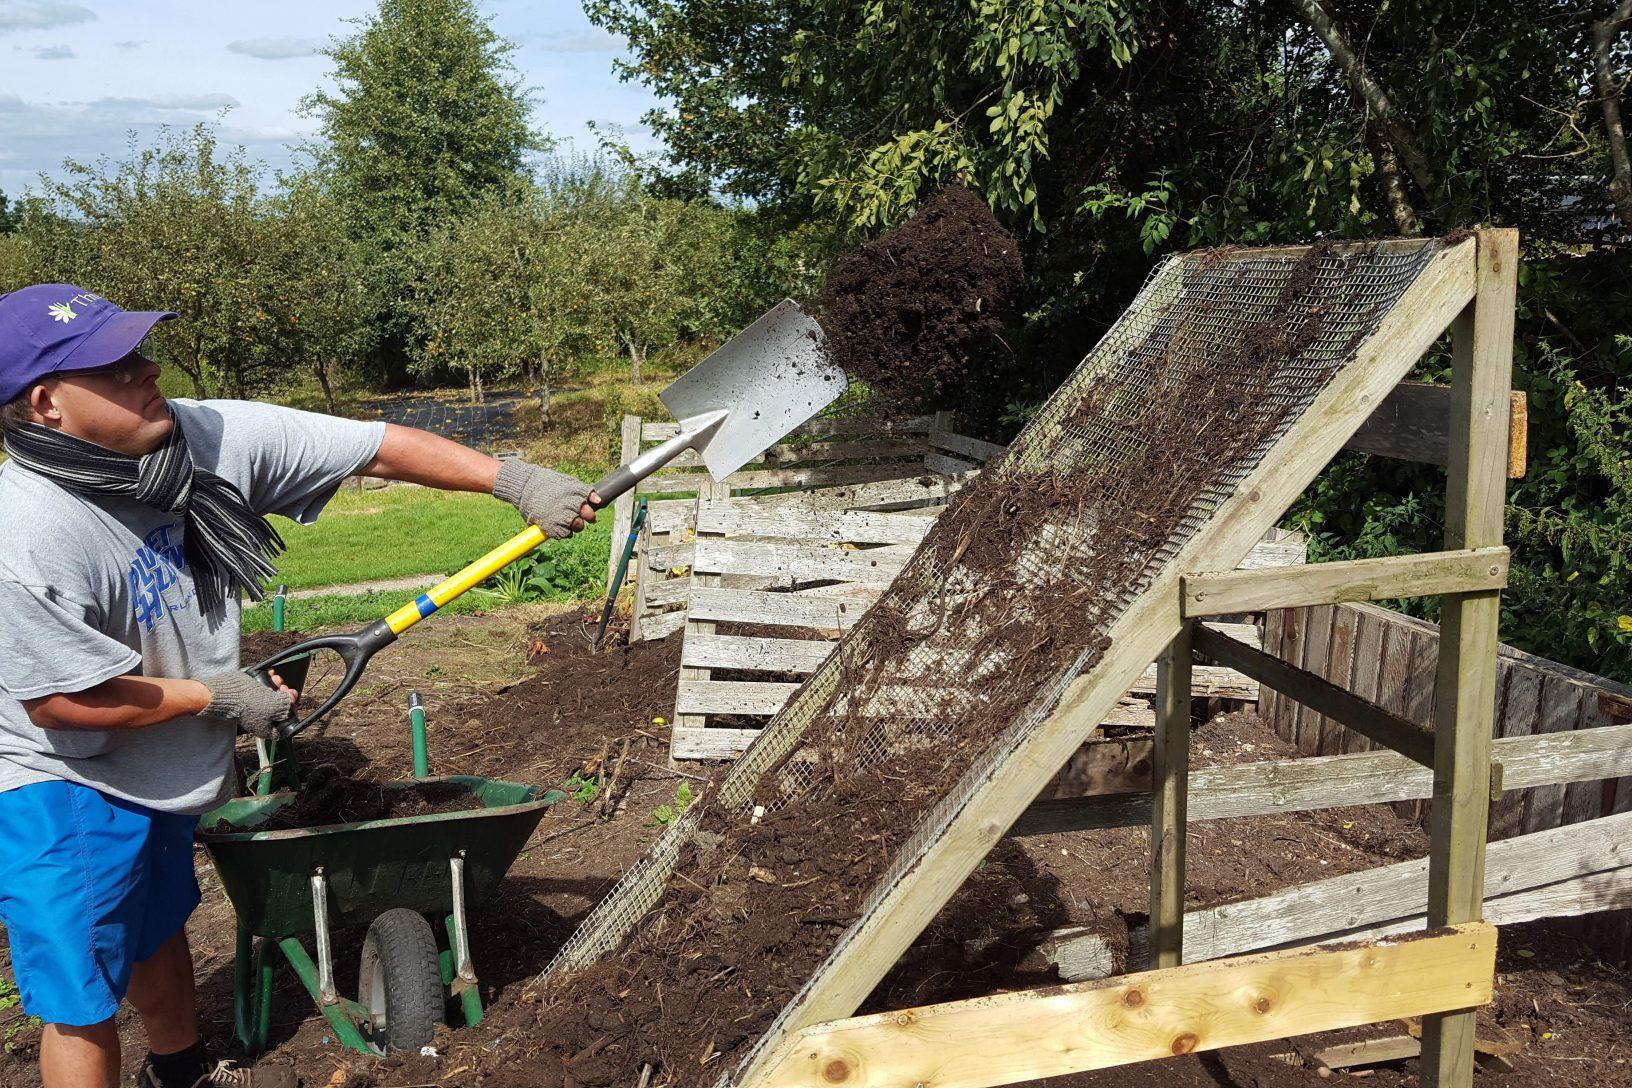 Nick composting